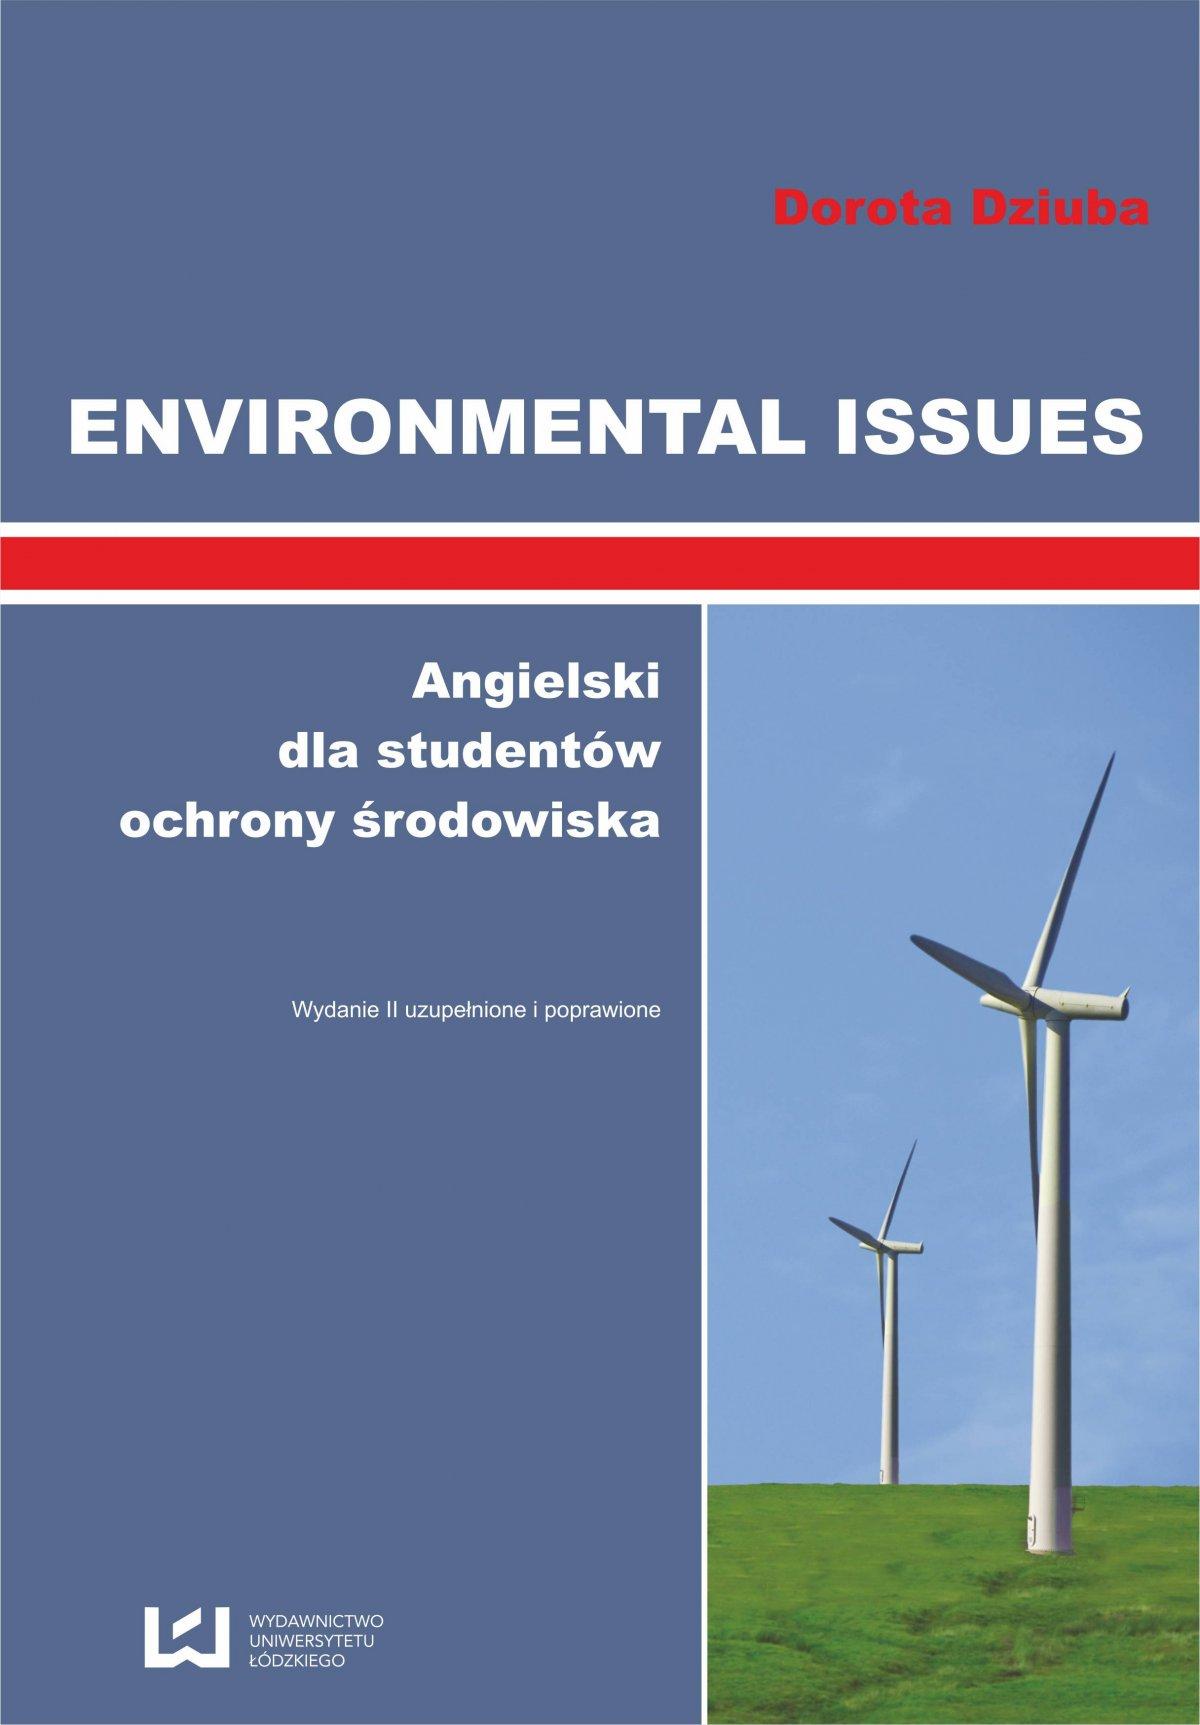 Environmental Issues. Angielski dla studentów ochrony środowiska - Ebook (Książka PDF) do pobrania w formacie PDF